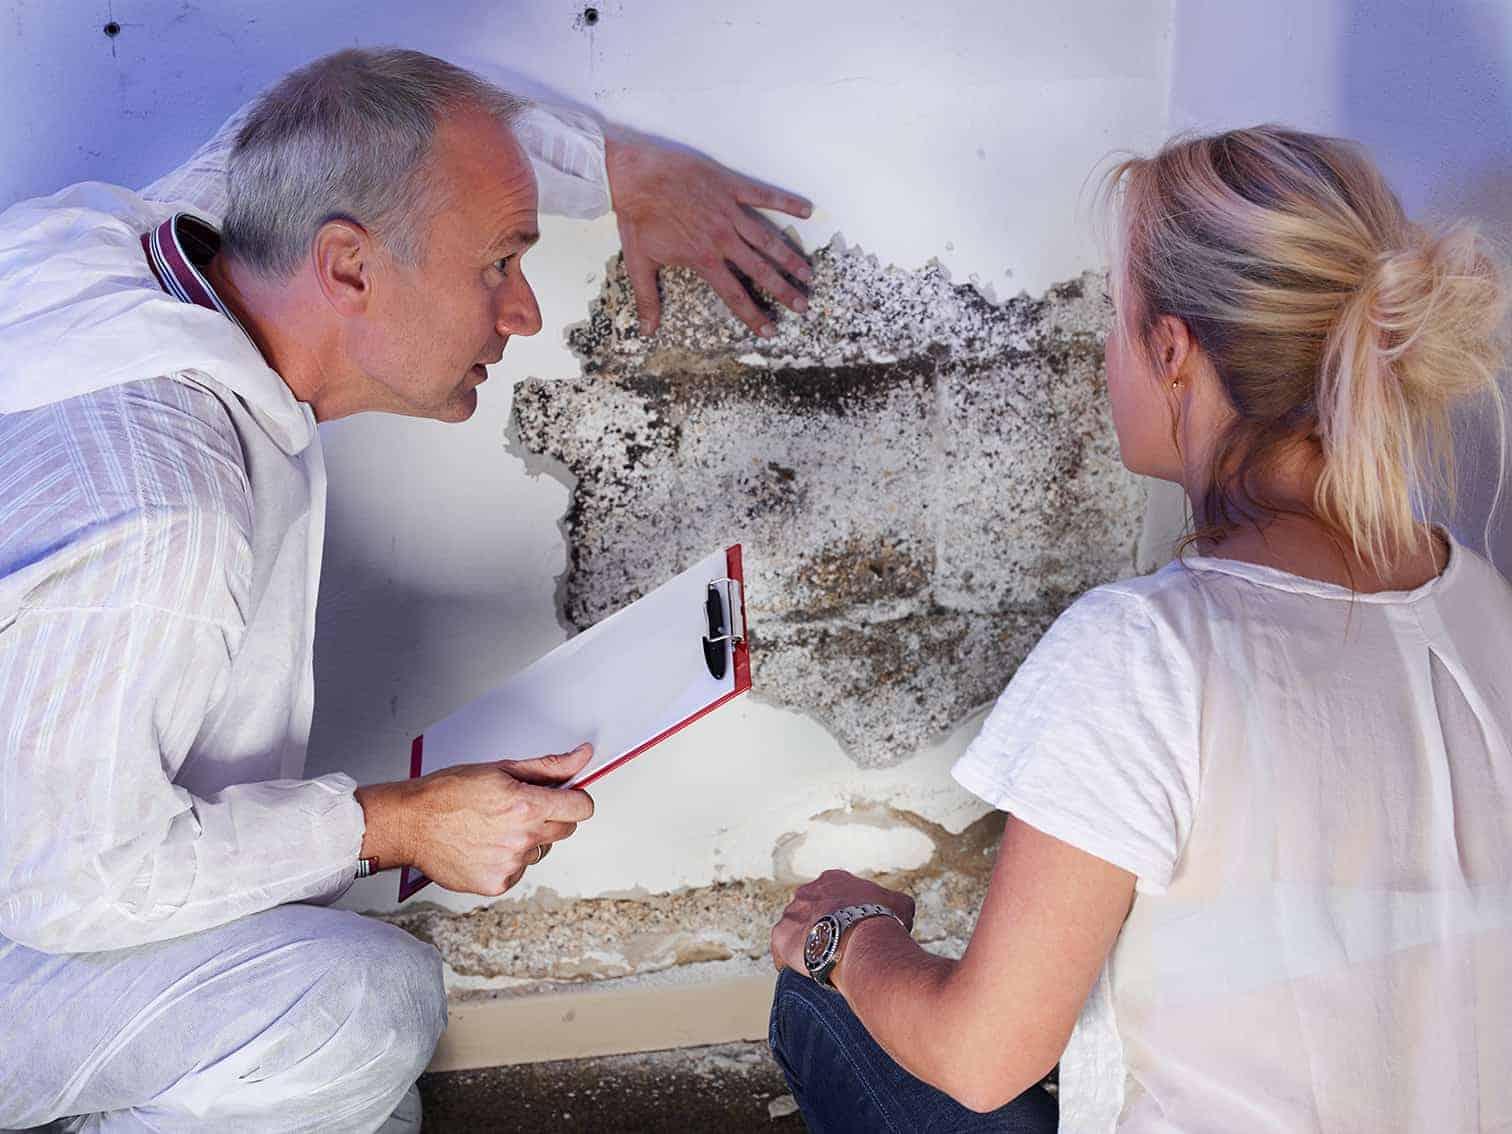 Fachhandwerker und Frau vor einer verschimmelten Wand im Kellerraum.